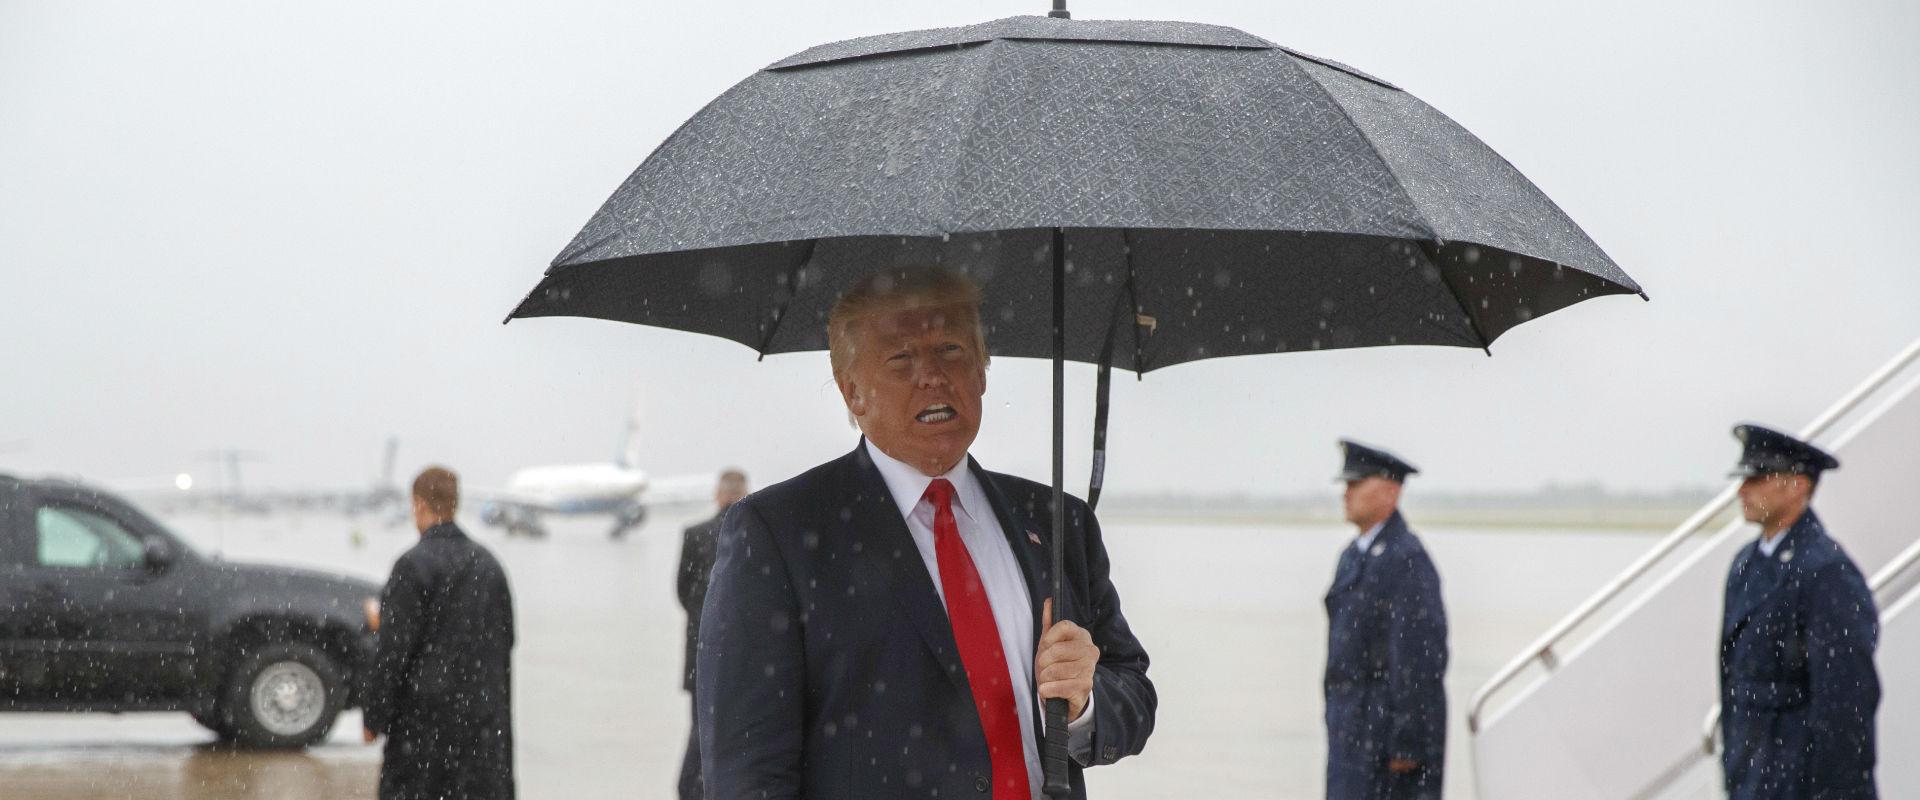 נשיא ארצות הברית, דונלד טראמפ (צילום: אי-פי)